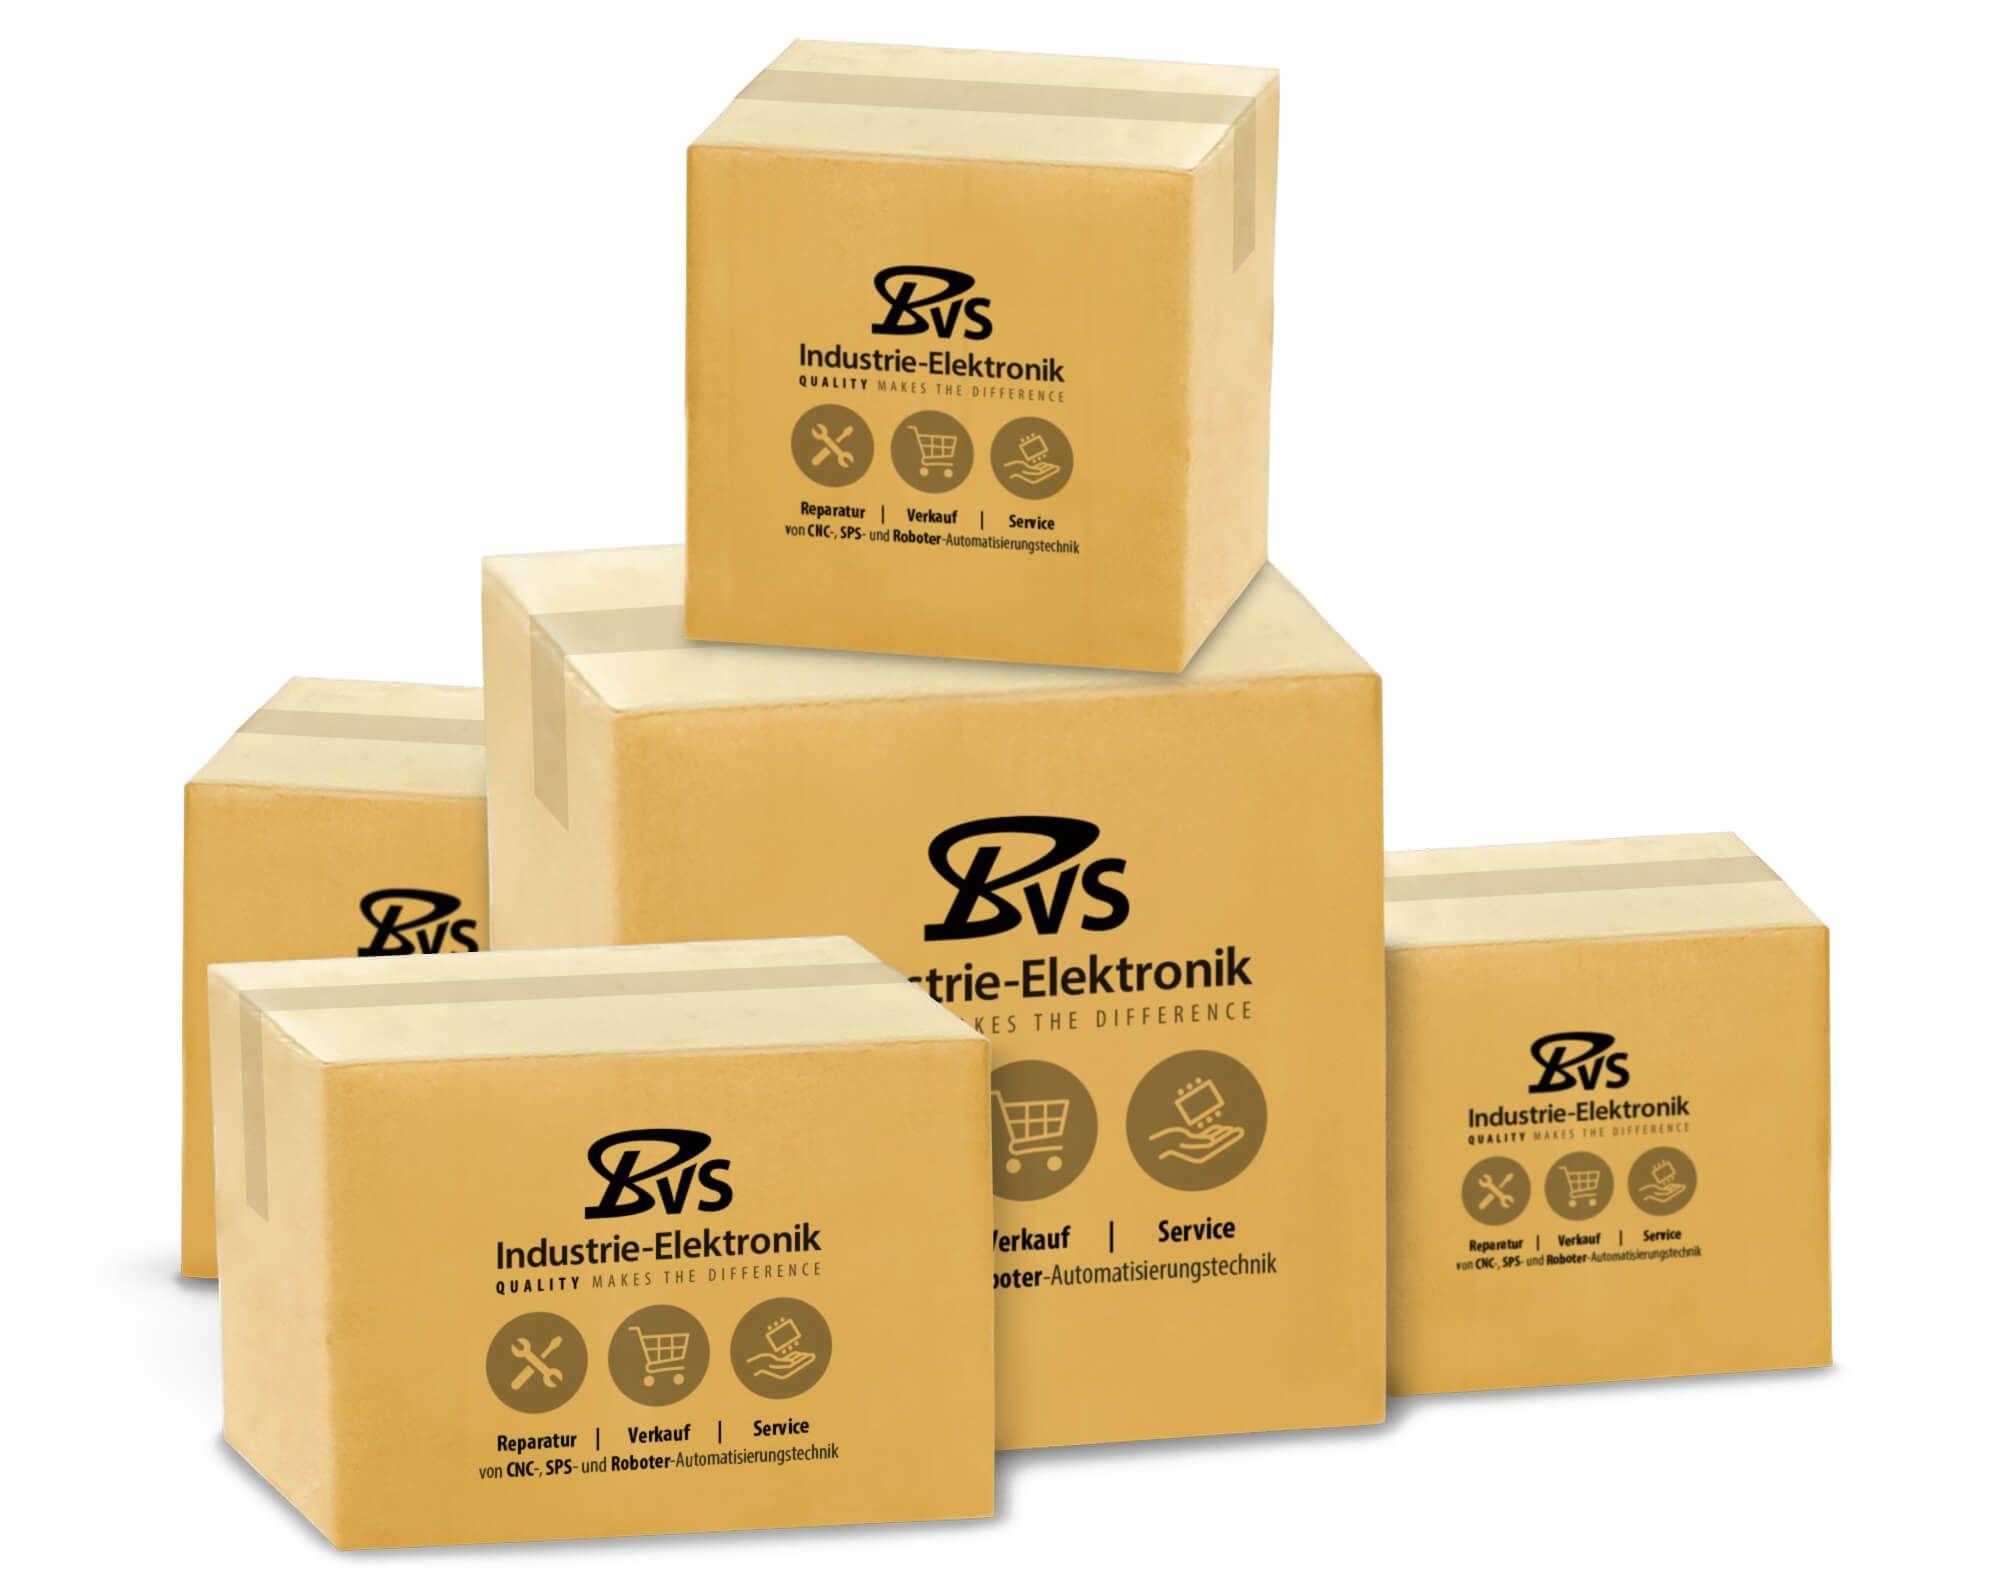 2 trozo lenze servoumrichter-evs9321-ep inverter variador frecuencia